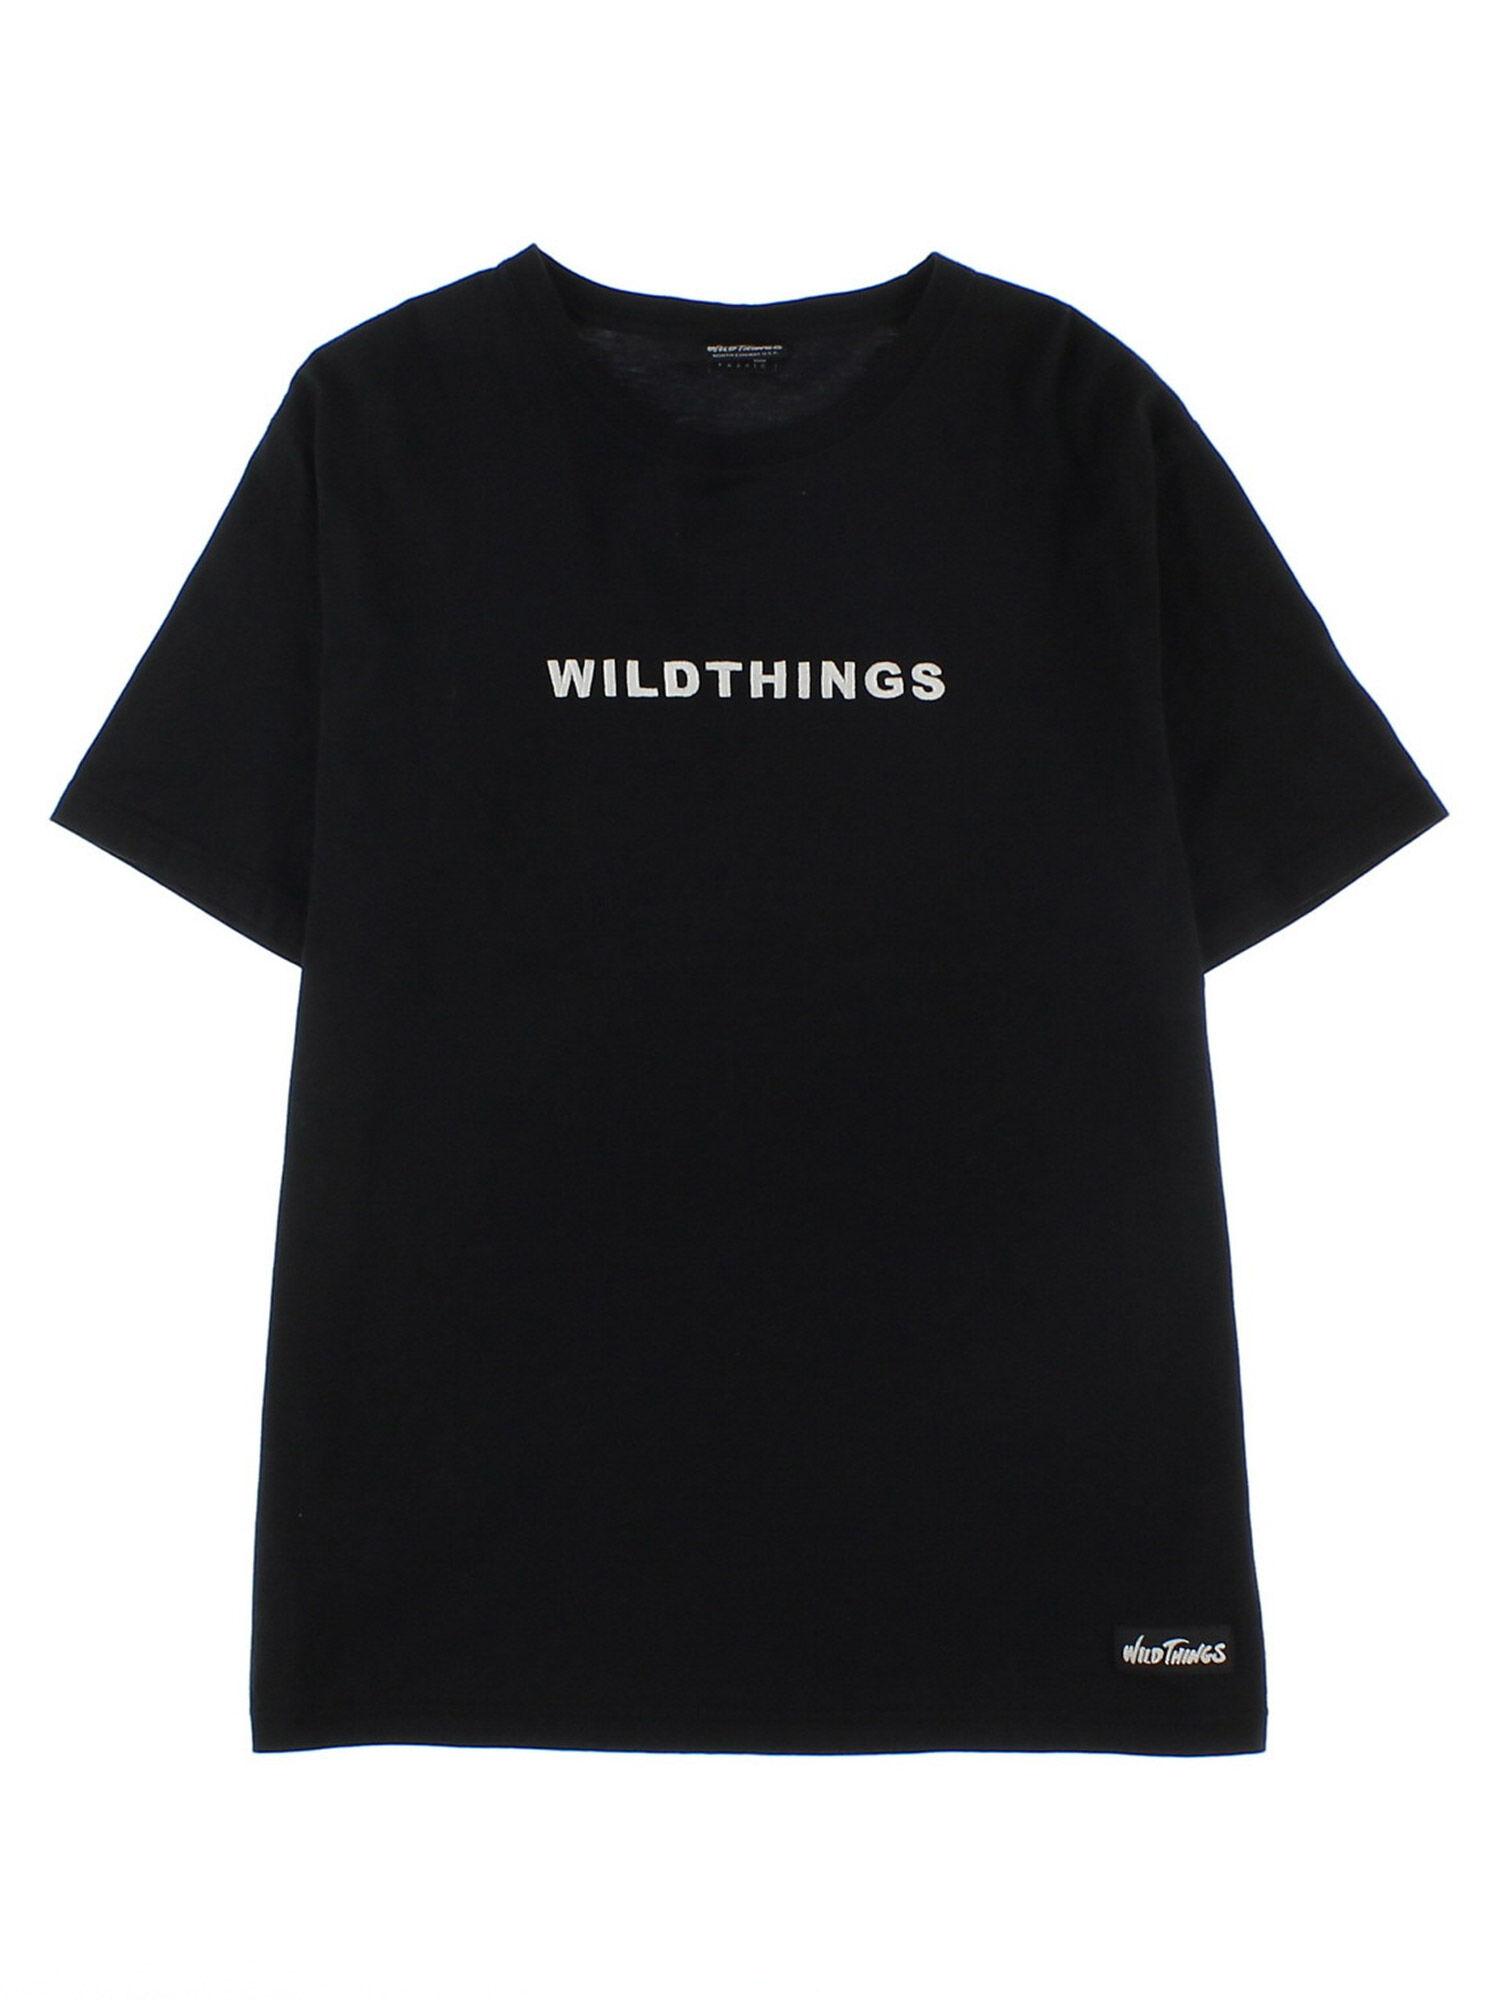 WILDTHINGSEMBROIDERYTEE